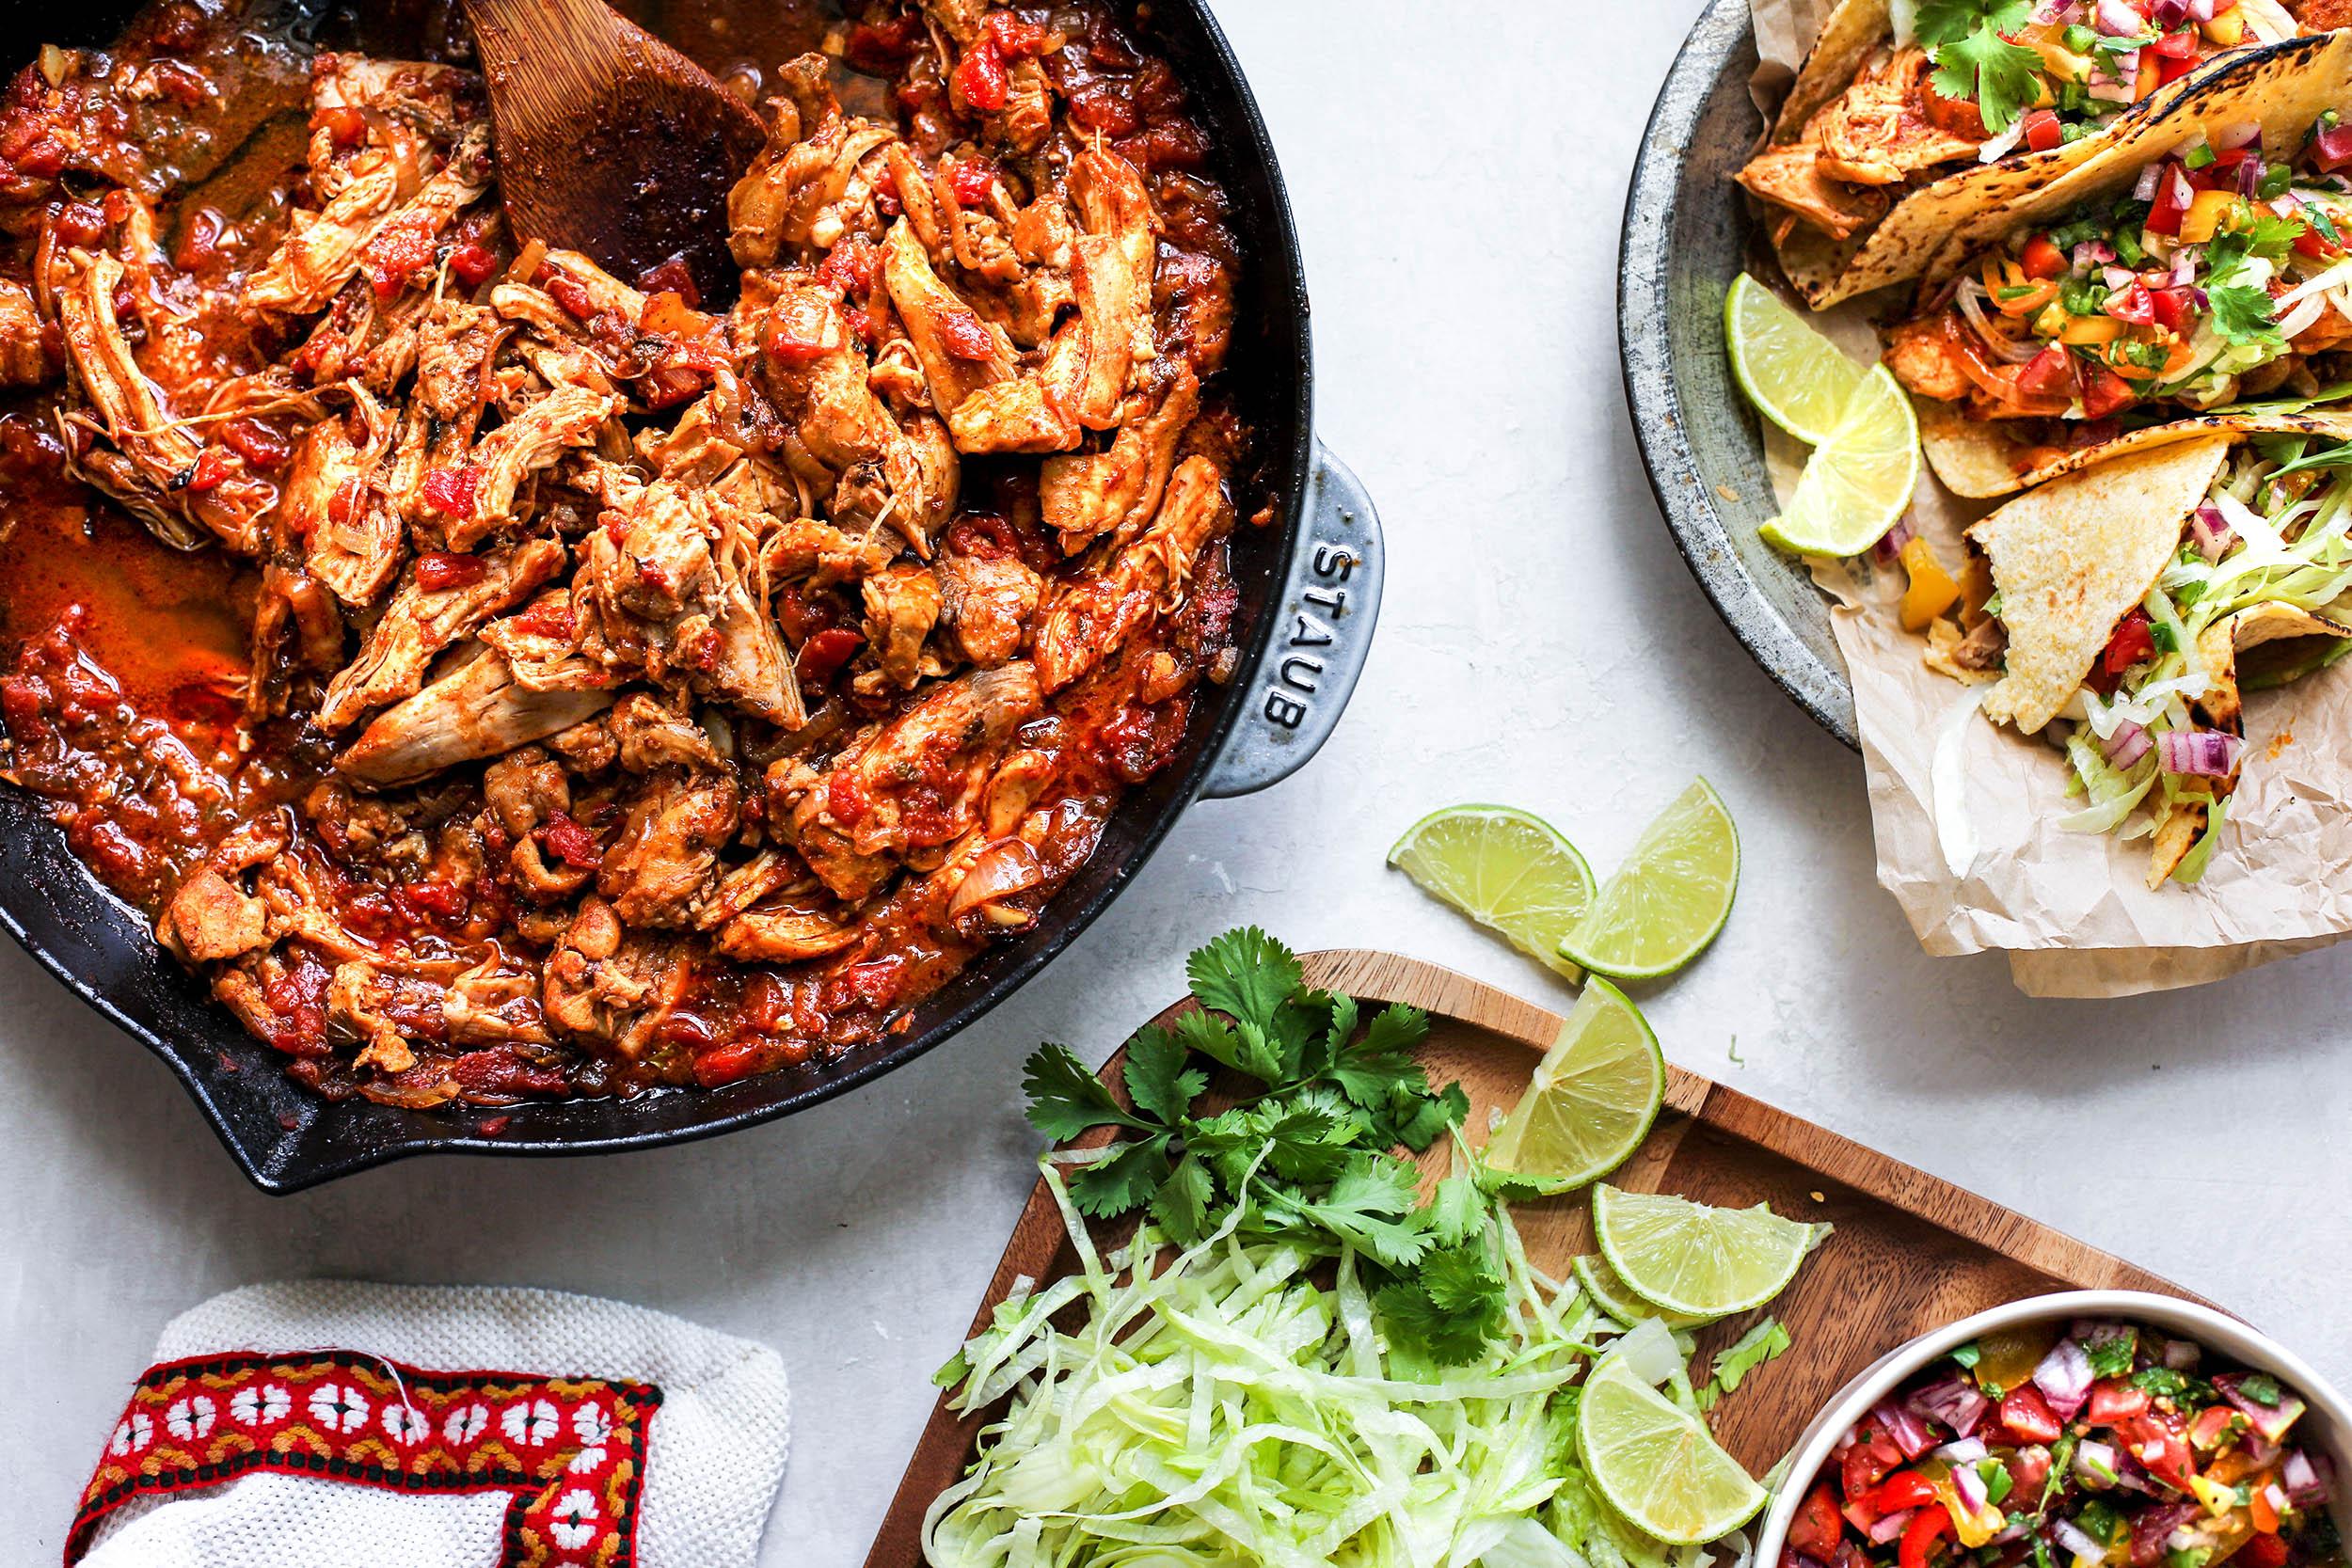 Chicken Taco Ingredients